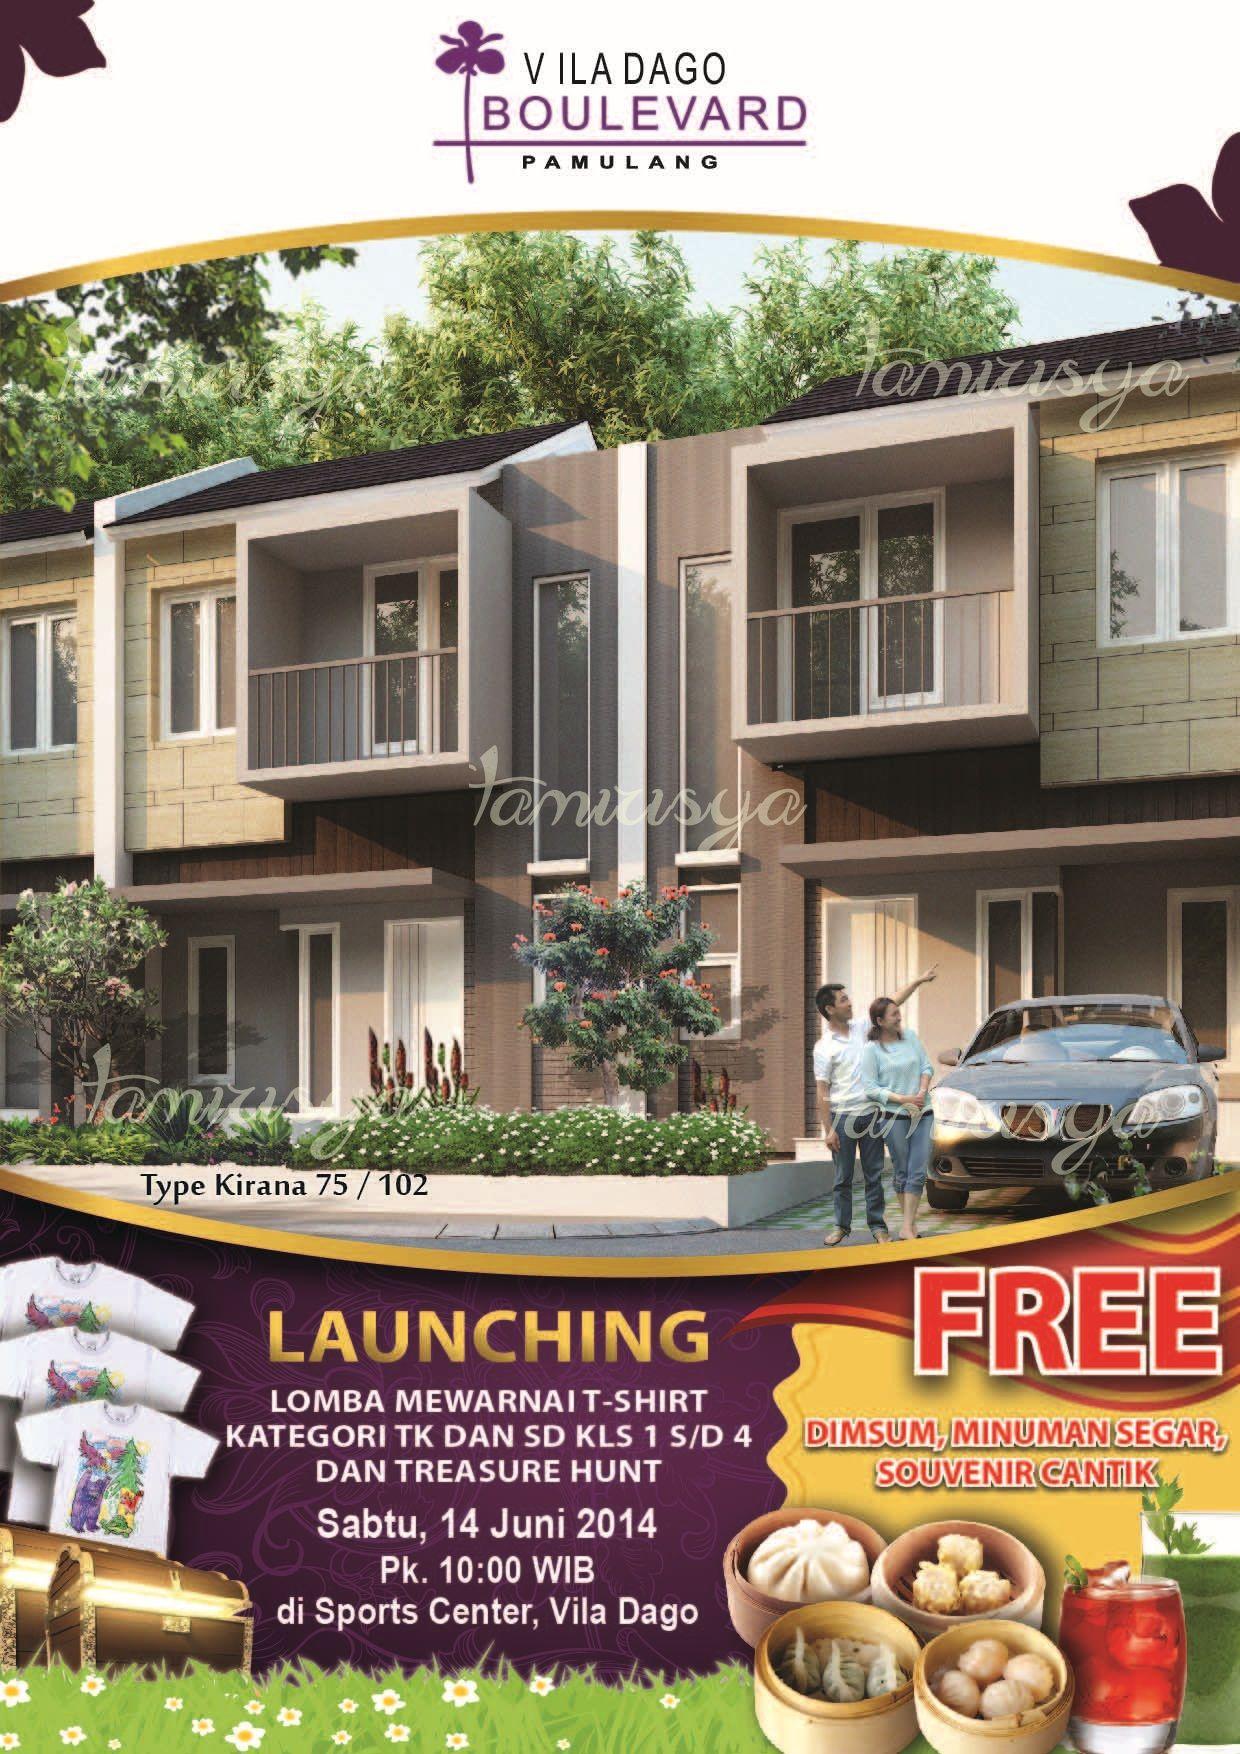 Download Desain Brochure Perumahan